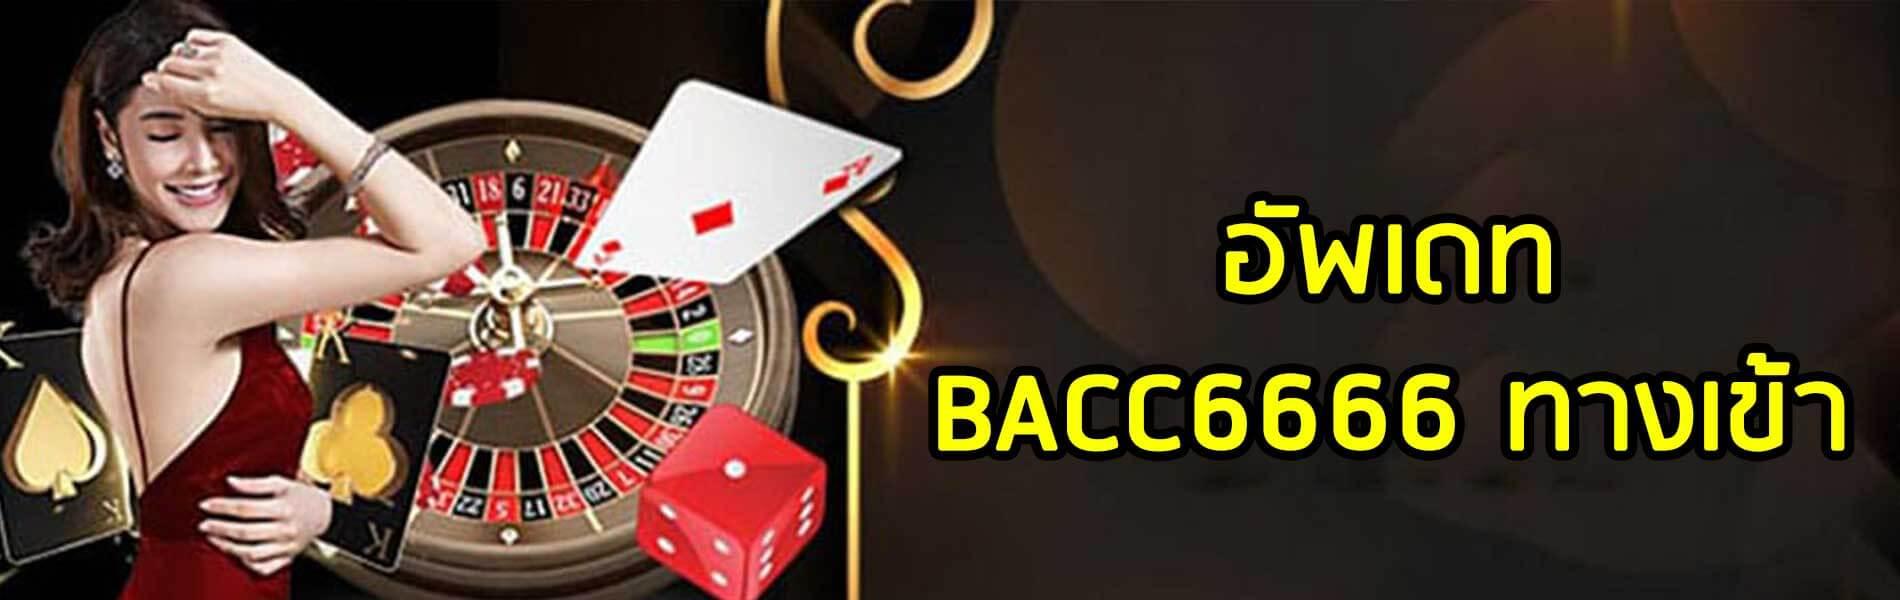 อัพเดท BACC6666 ทางเข้า